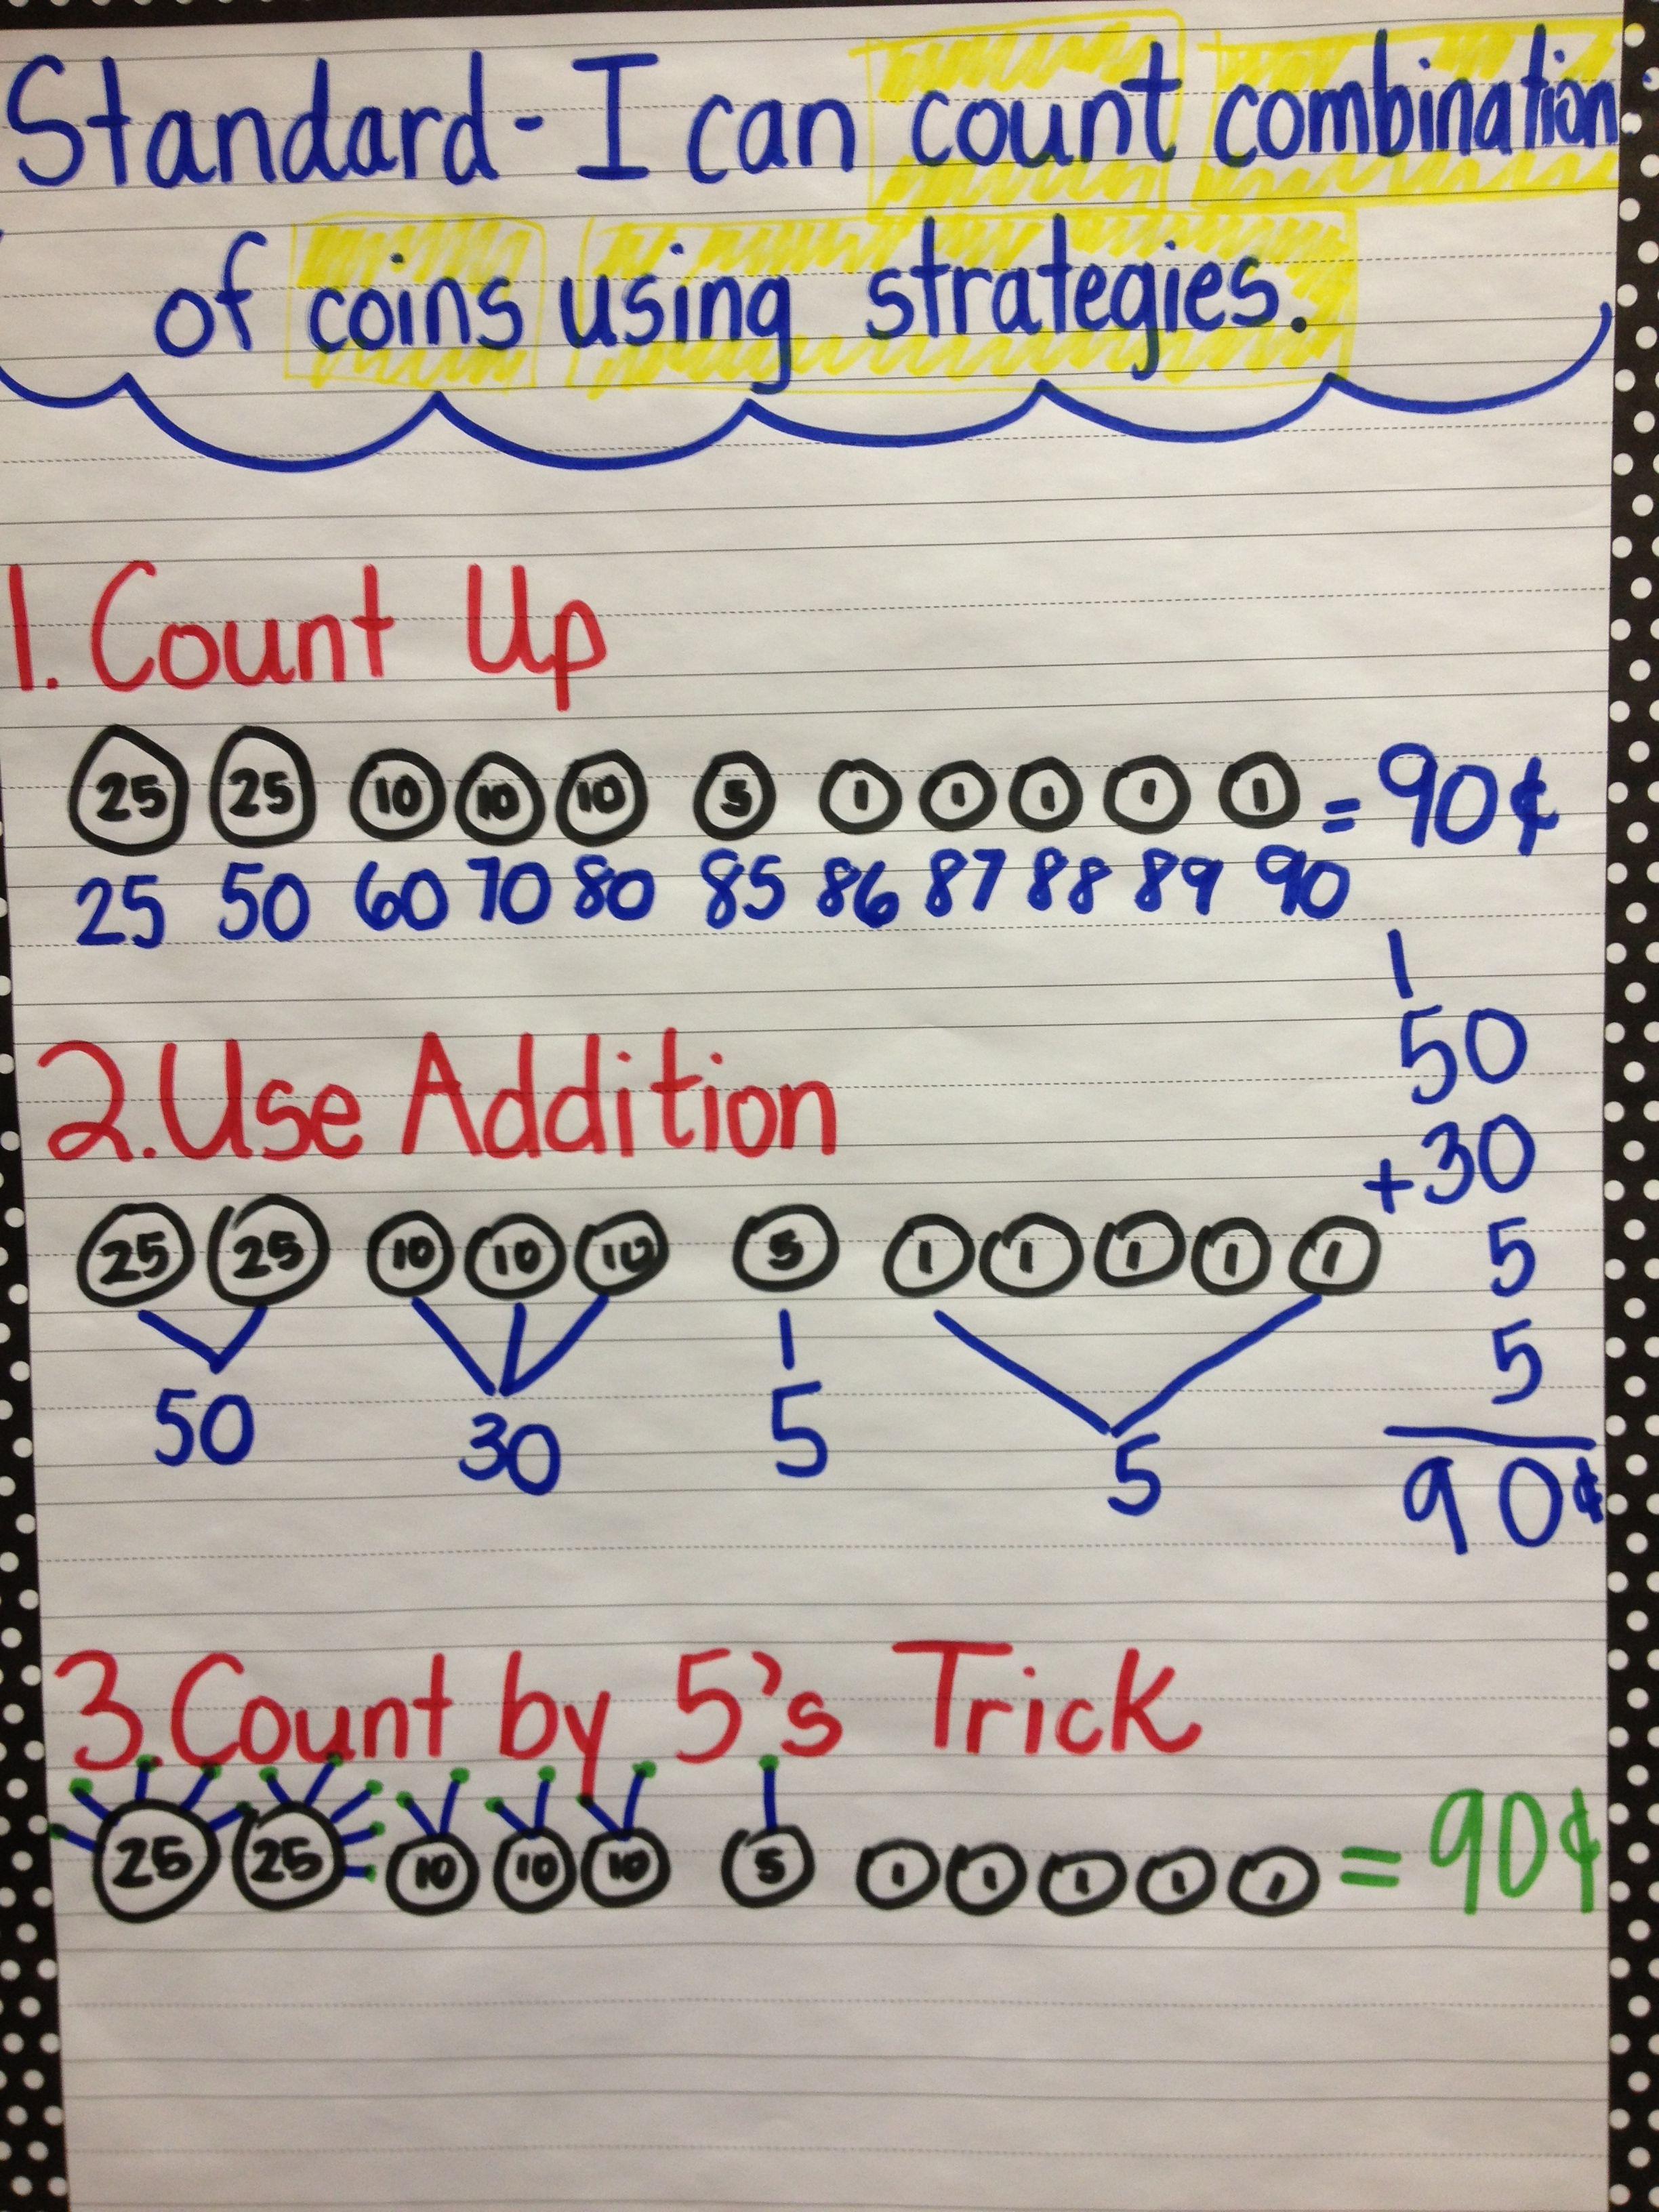 Counting Money Strategies Anchor Chart TeachersFollowTeachers